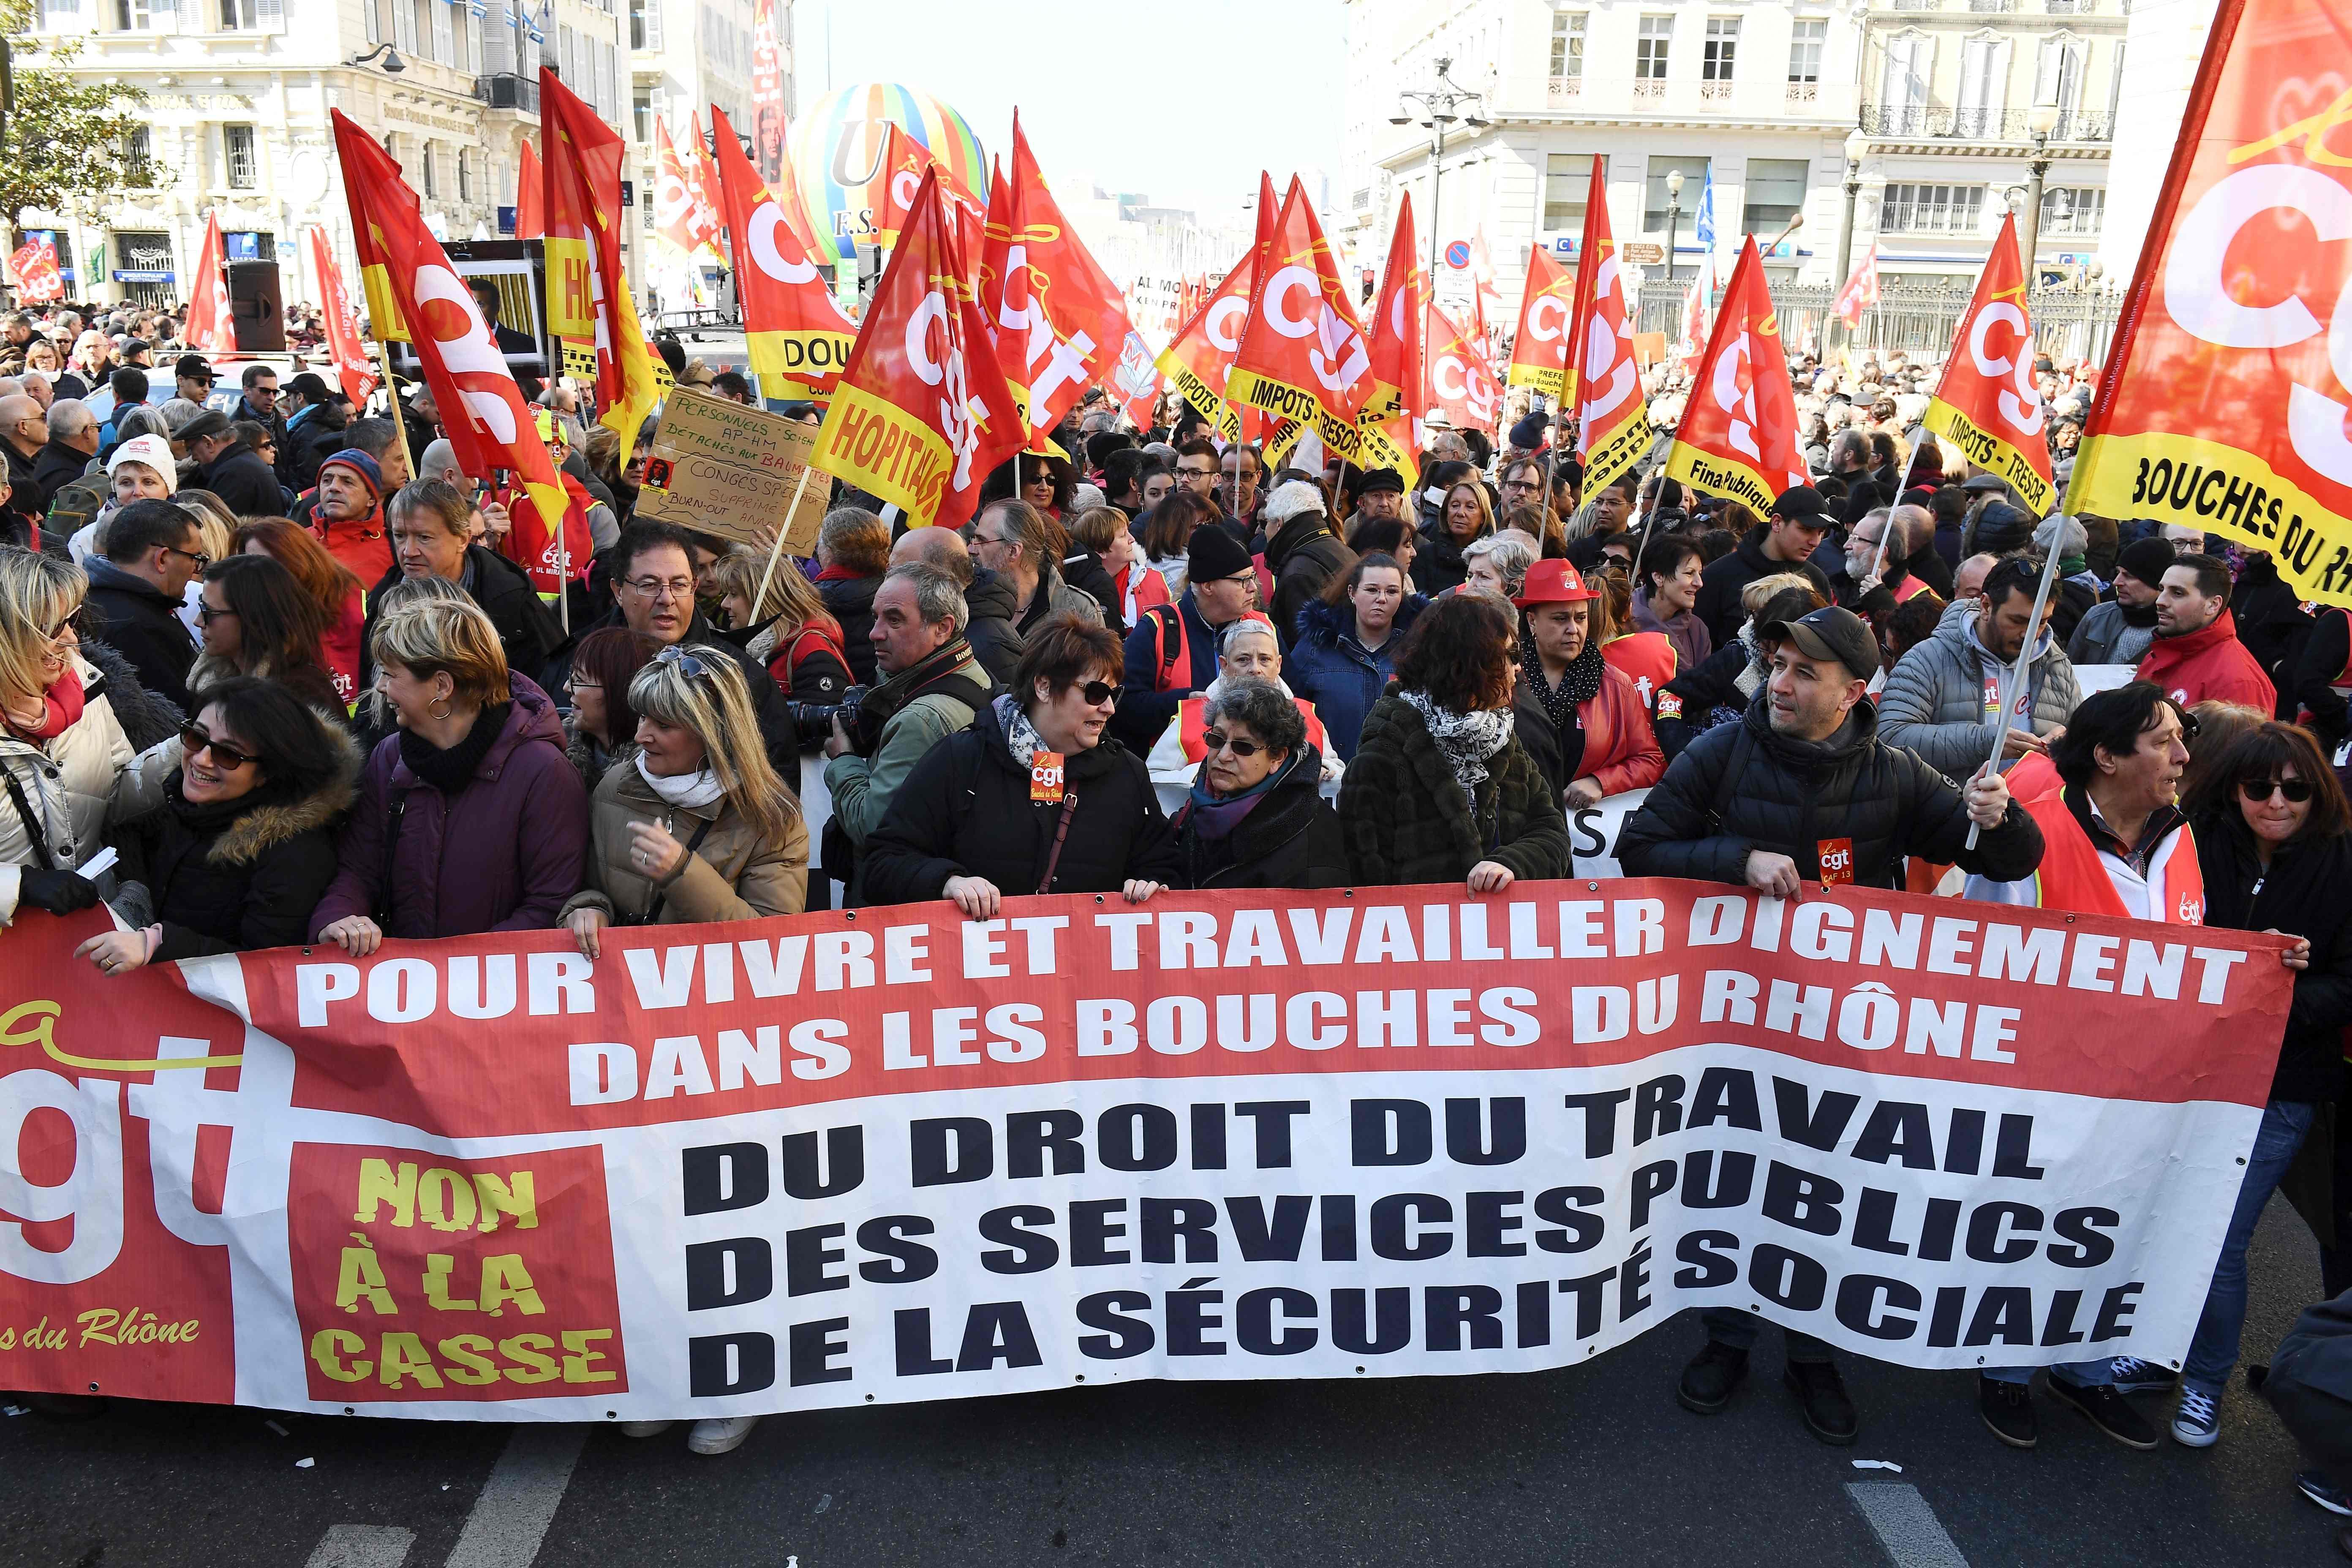 احتجاجات فى فرنسا ضد اصلاحات ماكرون